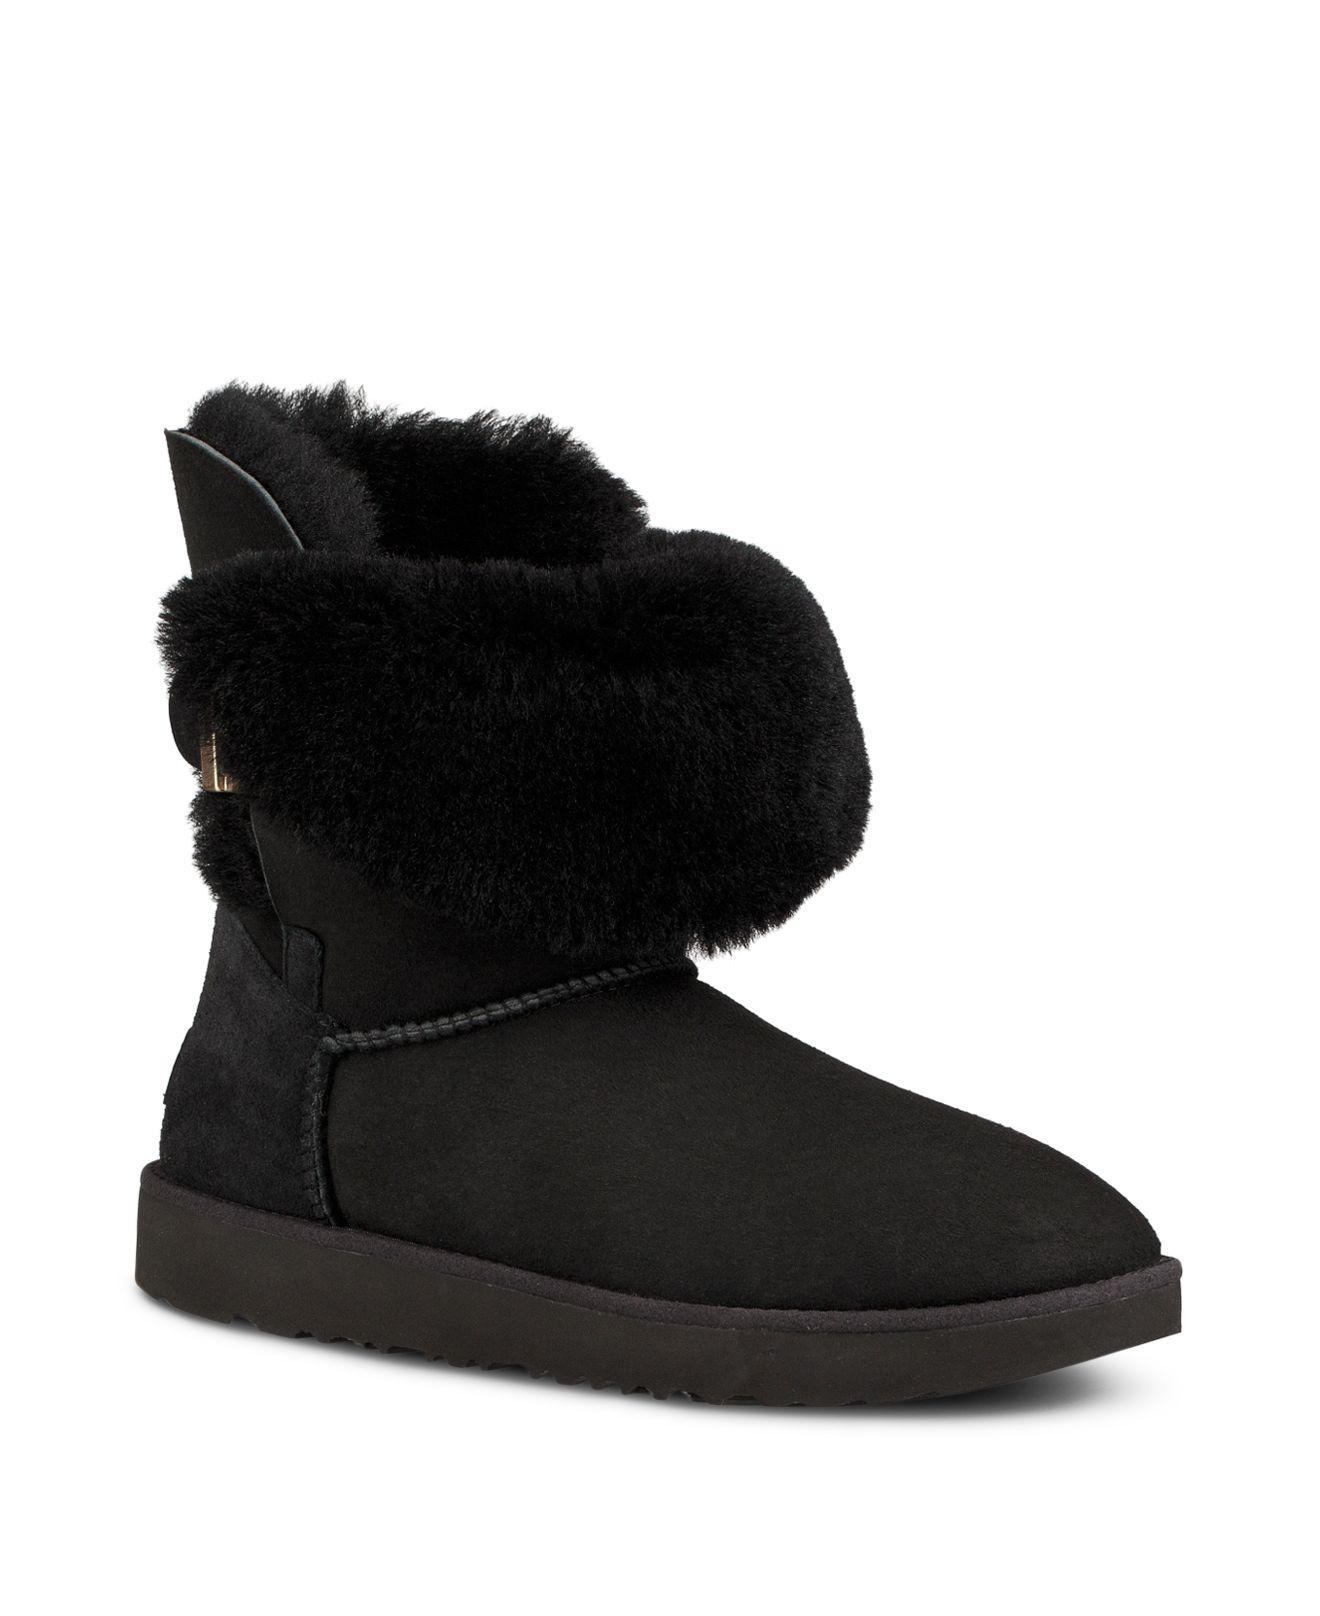 d1b6d0fe109 Ugg Black Women's Jaylyn Sheepskin & Leather Booties